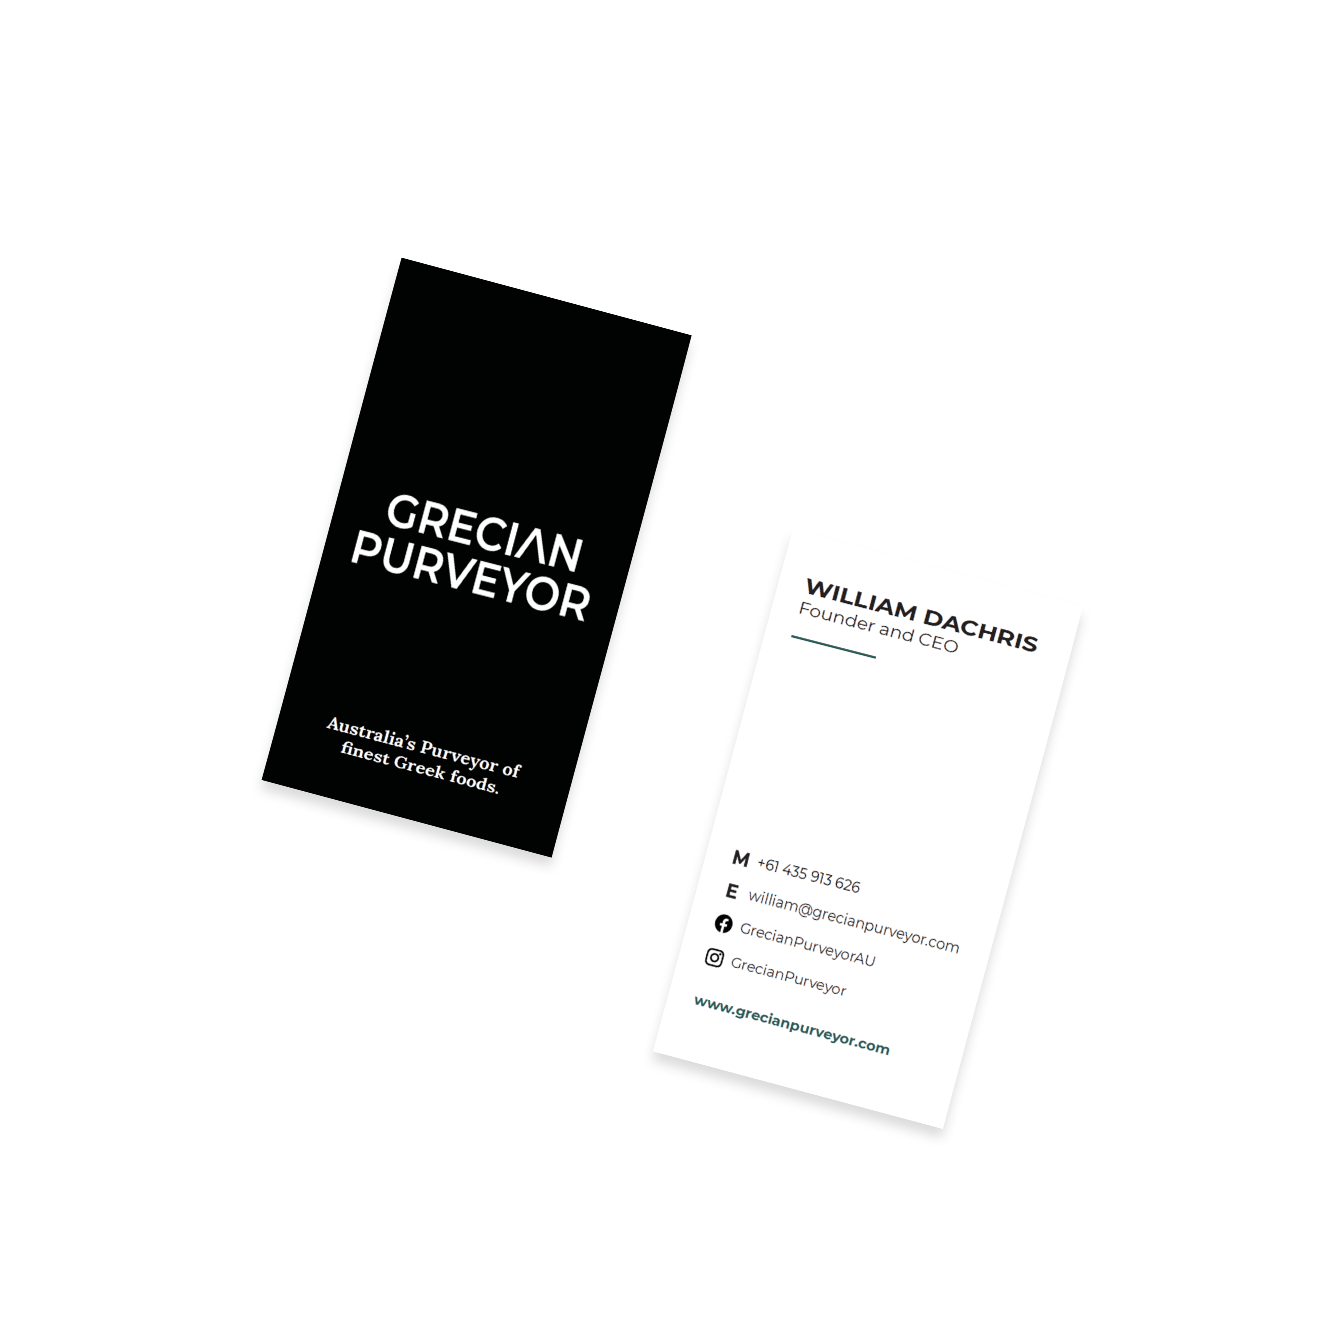 Grecian_Purveyor_Business_Cards.png